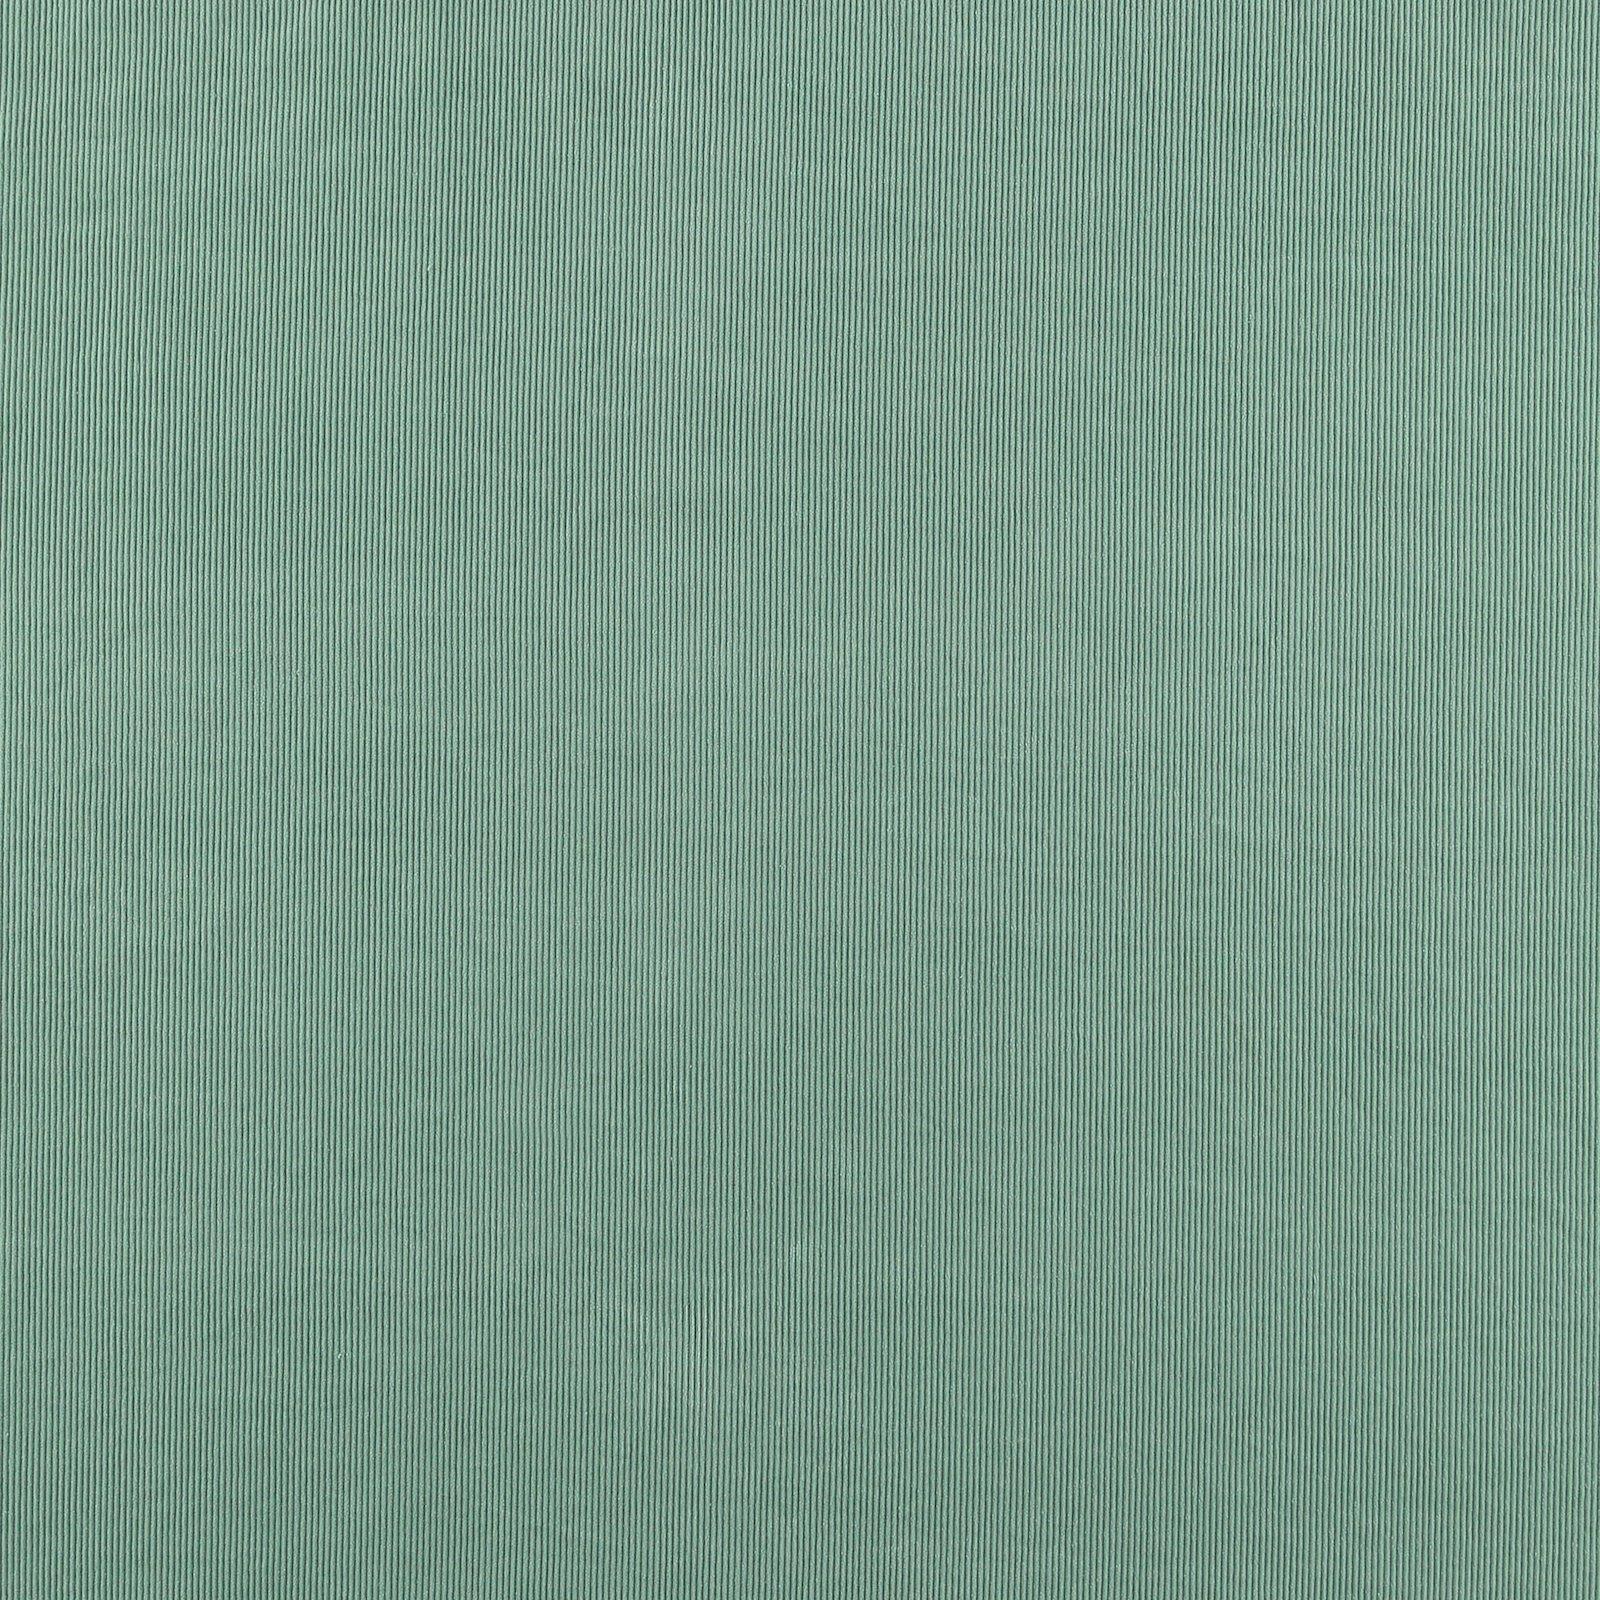 Corduroy 8 wales dusty aqua 430826_pack_sp